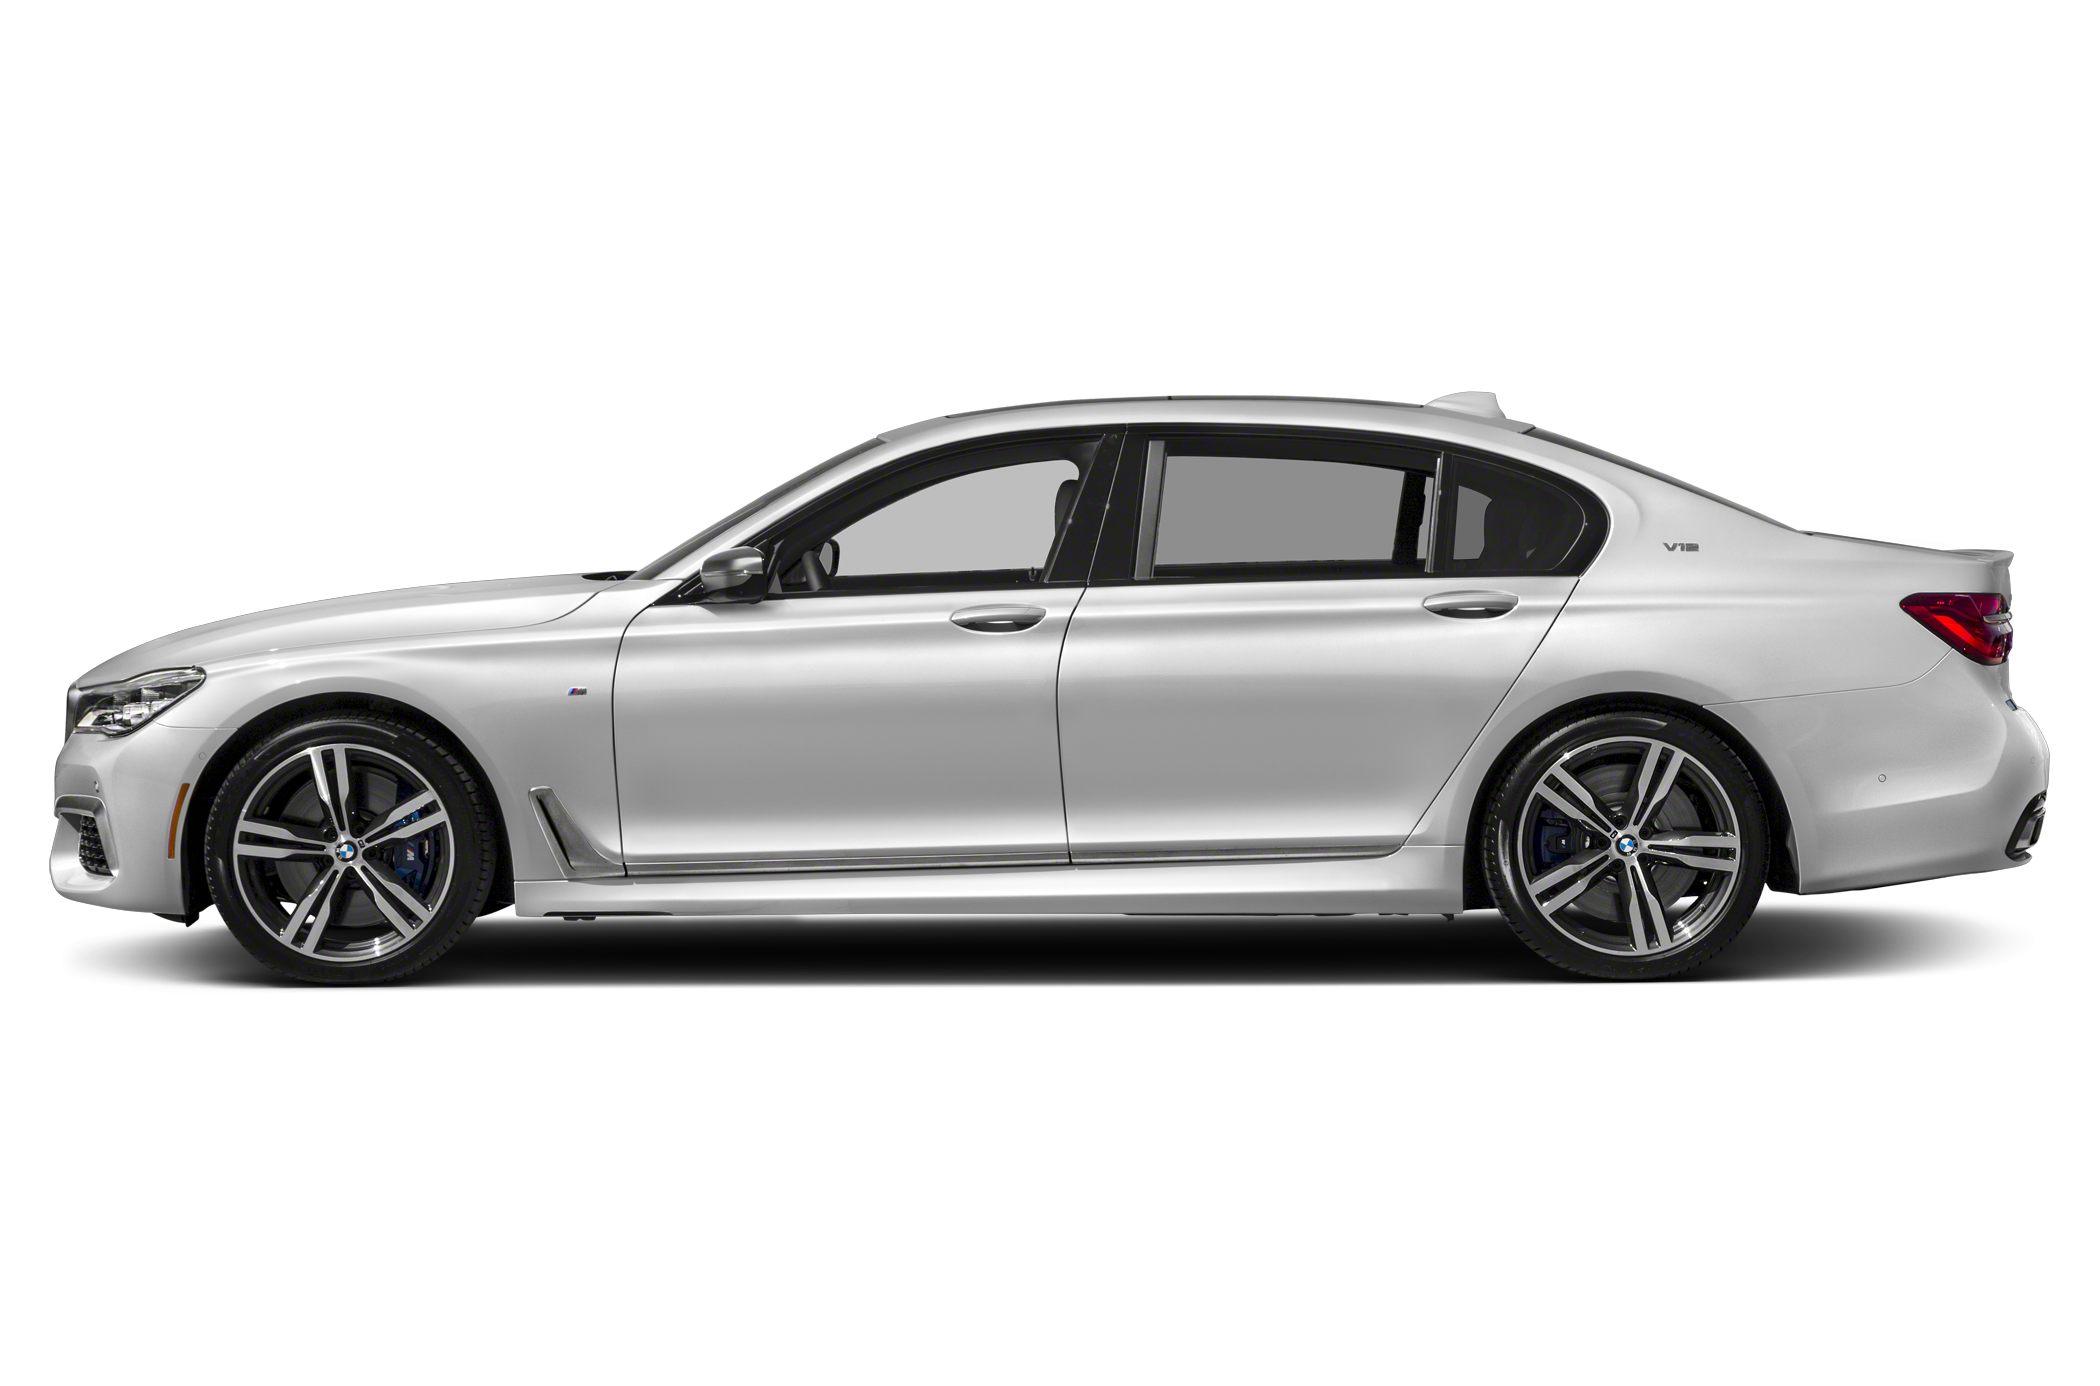 2018 BMW M760 Specs, Pictures, Trims, Colors || Cars.com